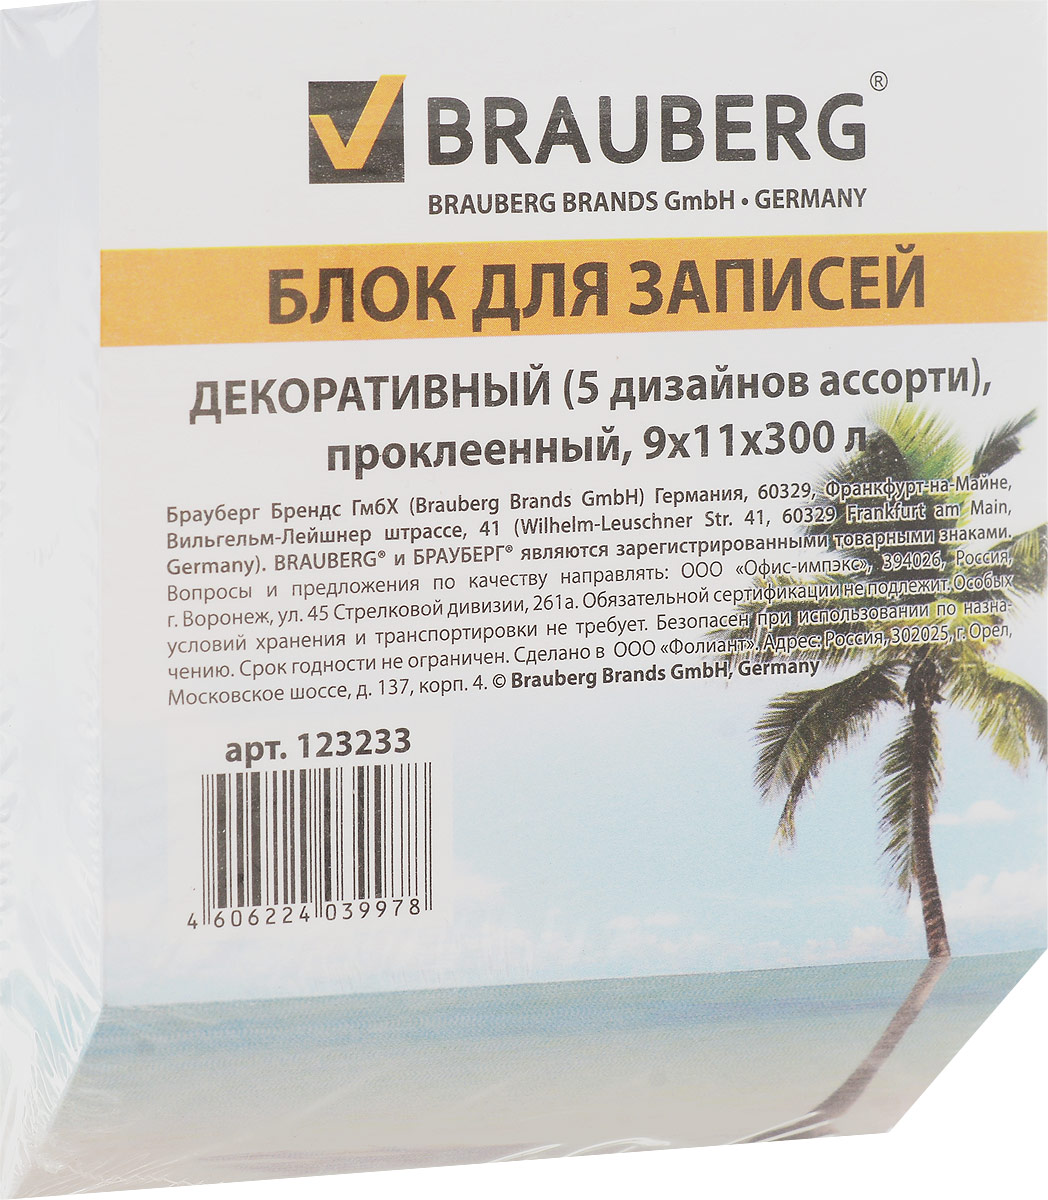 Brauberg Блок для записей Пальма 9 х 11 см 300 листов123233_пальма на берегуБлок для записей Brauberg изготовлен из высококачественной офсетной бумаги. Идеально подходит для быстрой фиксации информации. Благодаря яркой цветовой гамме, современному дизайну и оригинальной конструкции вносит в деловую атмосферу офиса яркую ноту.